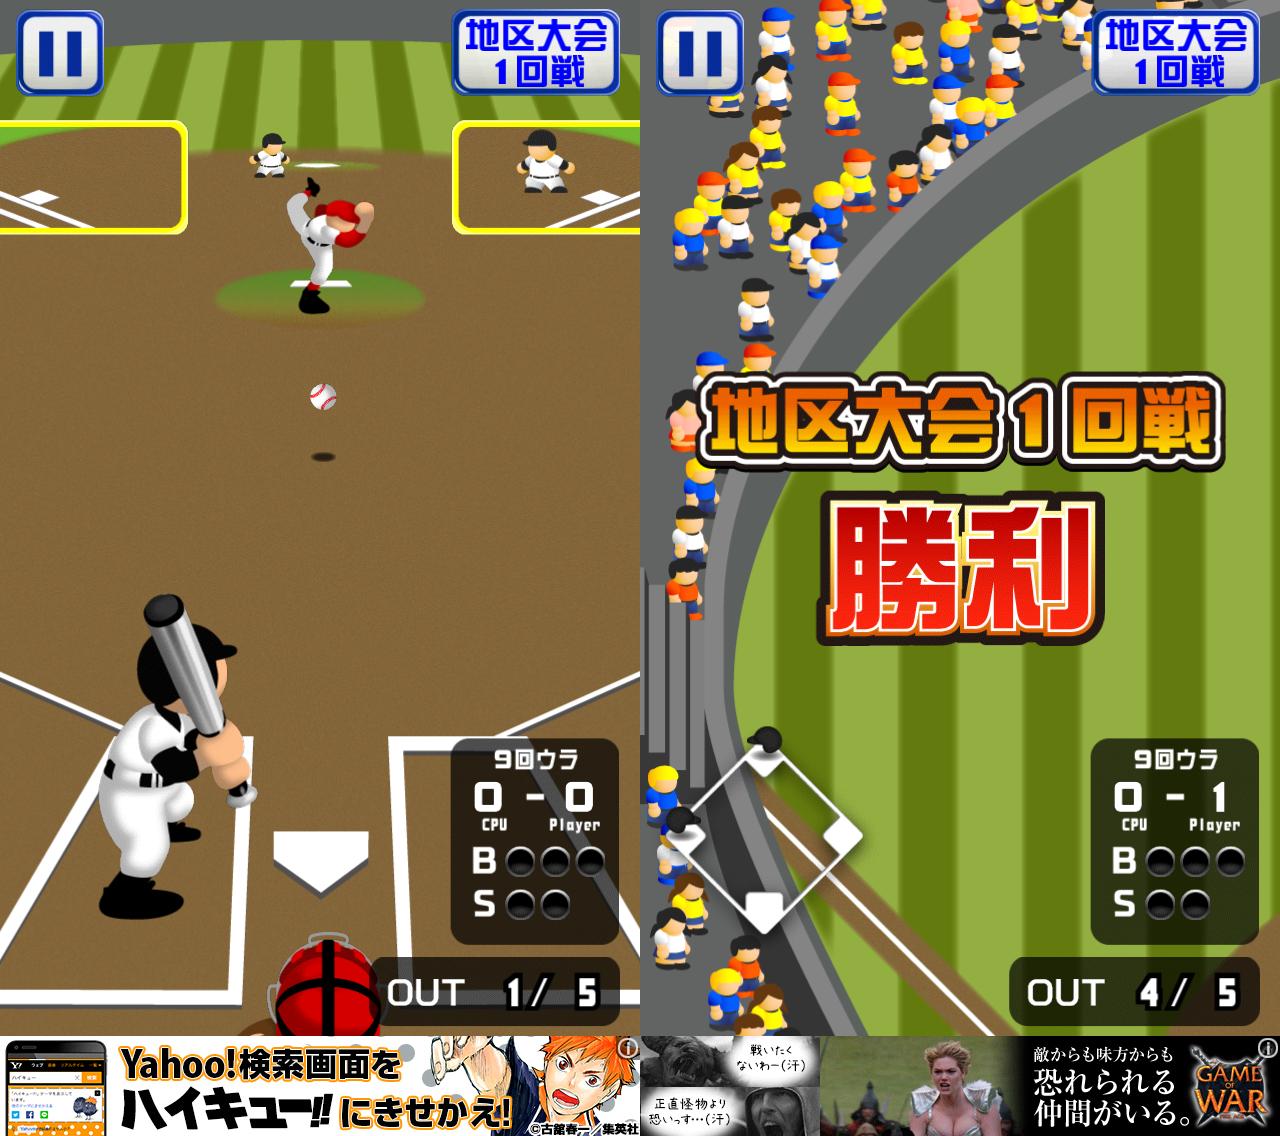 9回裏だけ甲子園 androidアプリスクリーンショット1